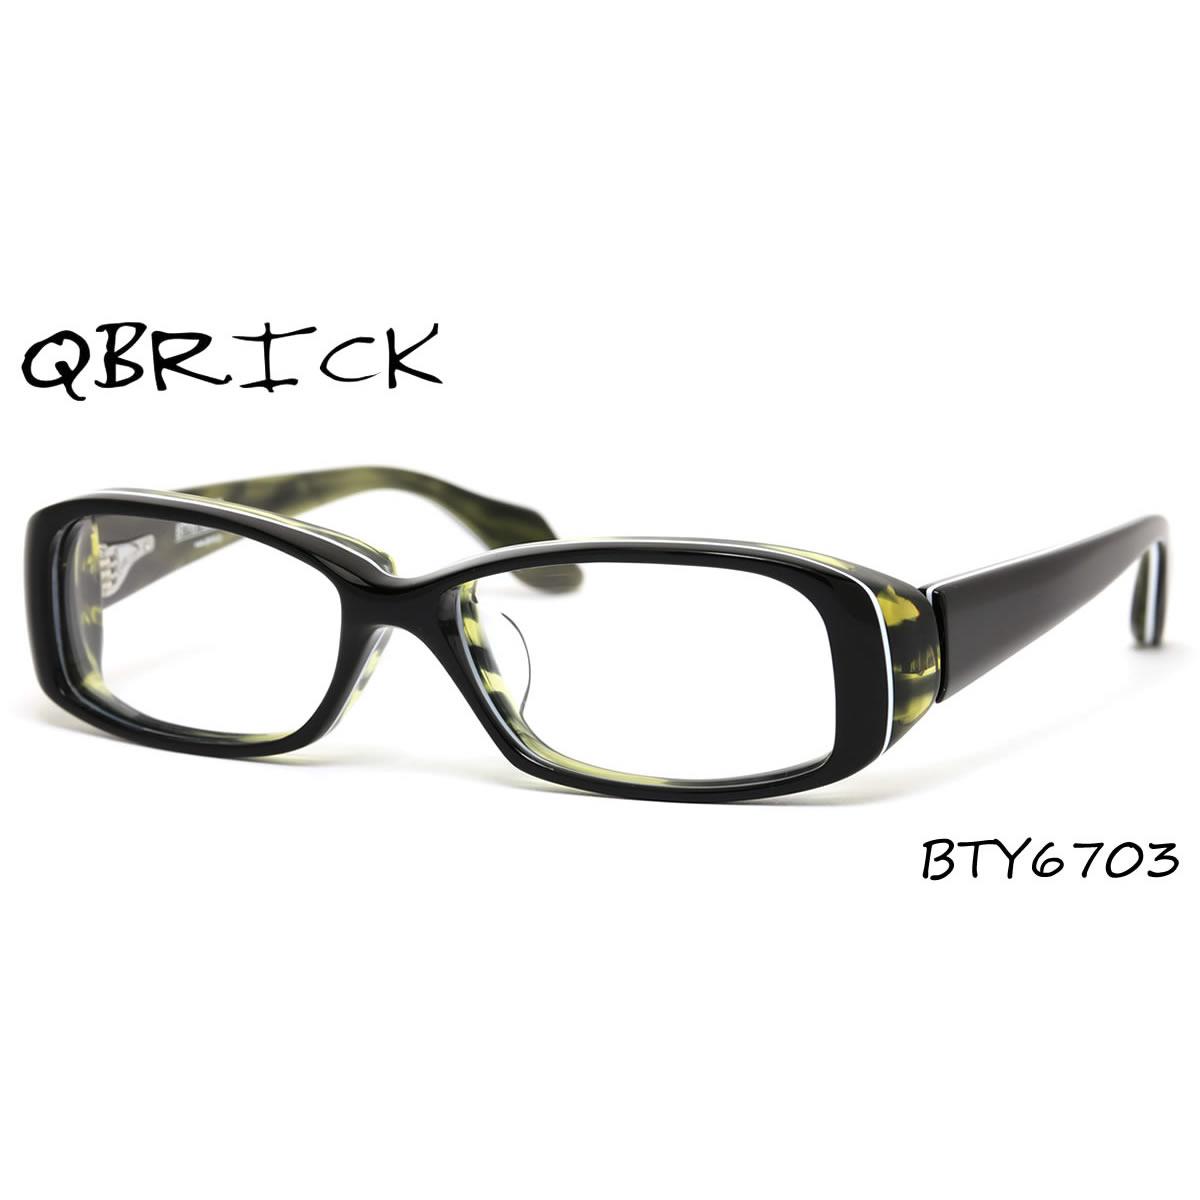 ほぼ全品ポイント15倍~最大43倍+3倍!お得なクーポンも! 【Qbrick】 (キューブリック) メガネ フレーム BTY6703 58サイズ キューブリック QBRICK メンズ レディース